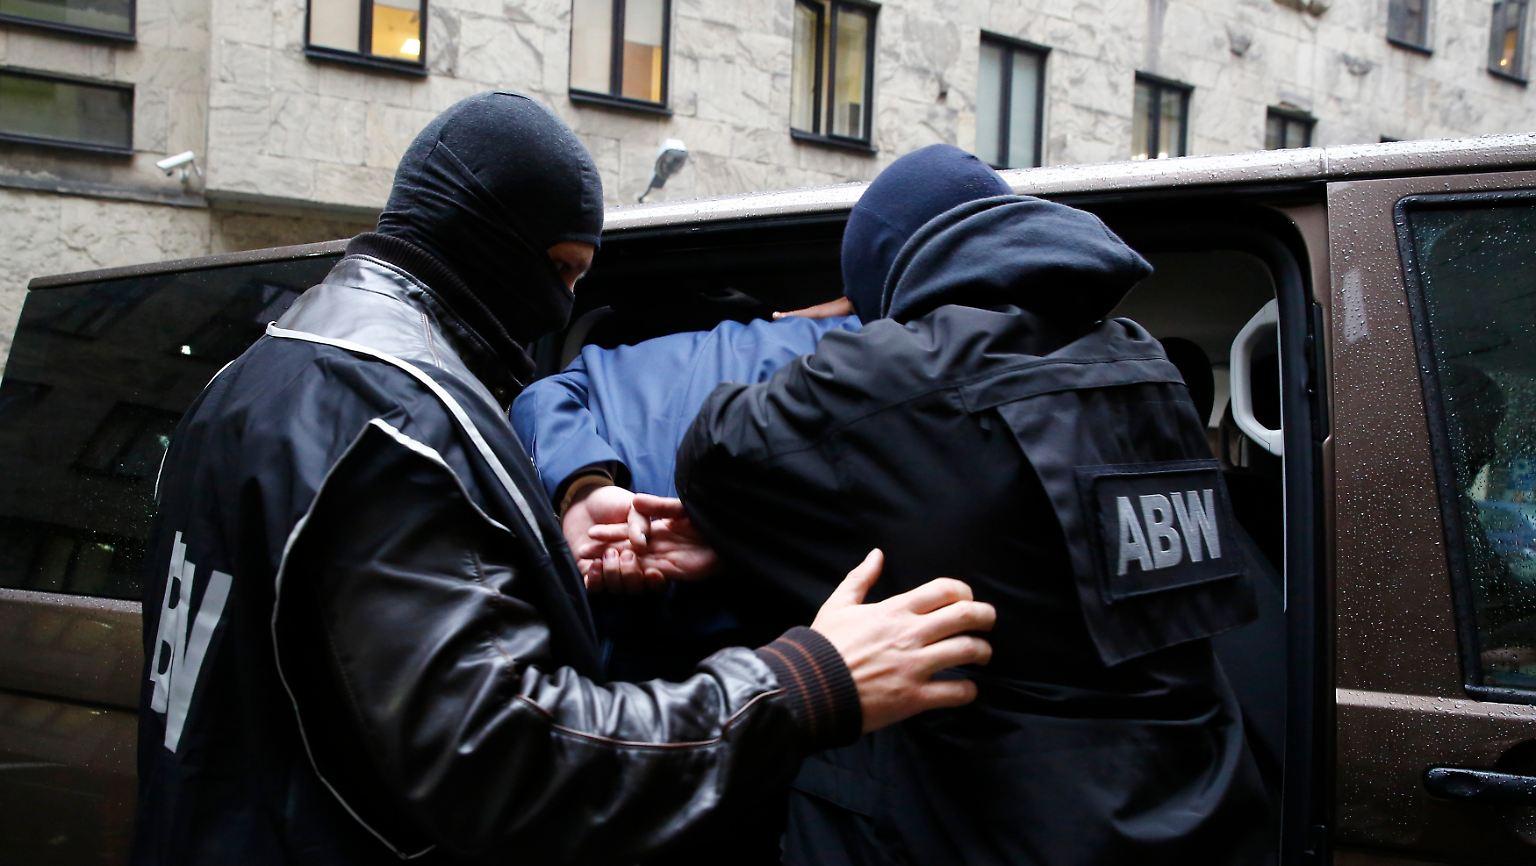 Anders Breivik als Vorbild: Mutmaßliche Terroristen in Polen verhaftet - n-tv.de